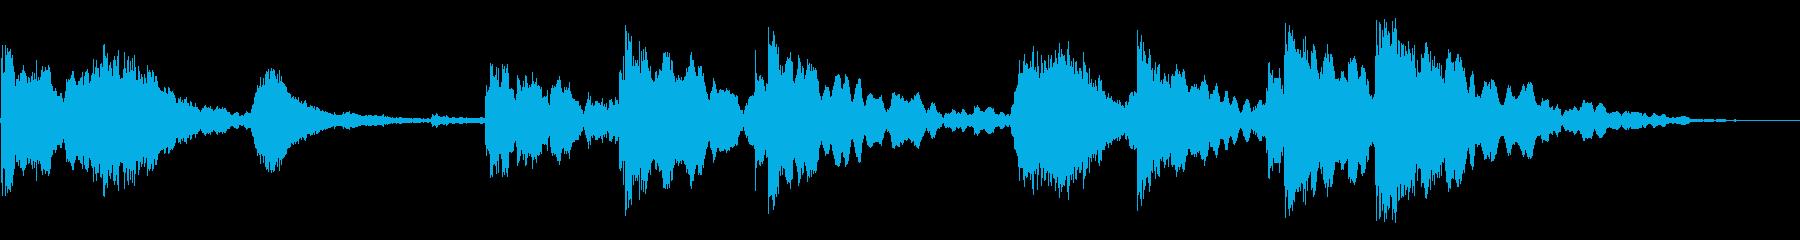 残響ヒンジのキーキーとラッチヒットの再生済みの波形